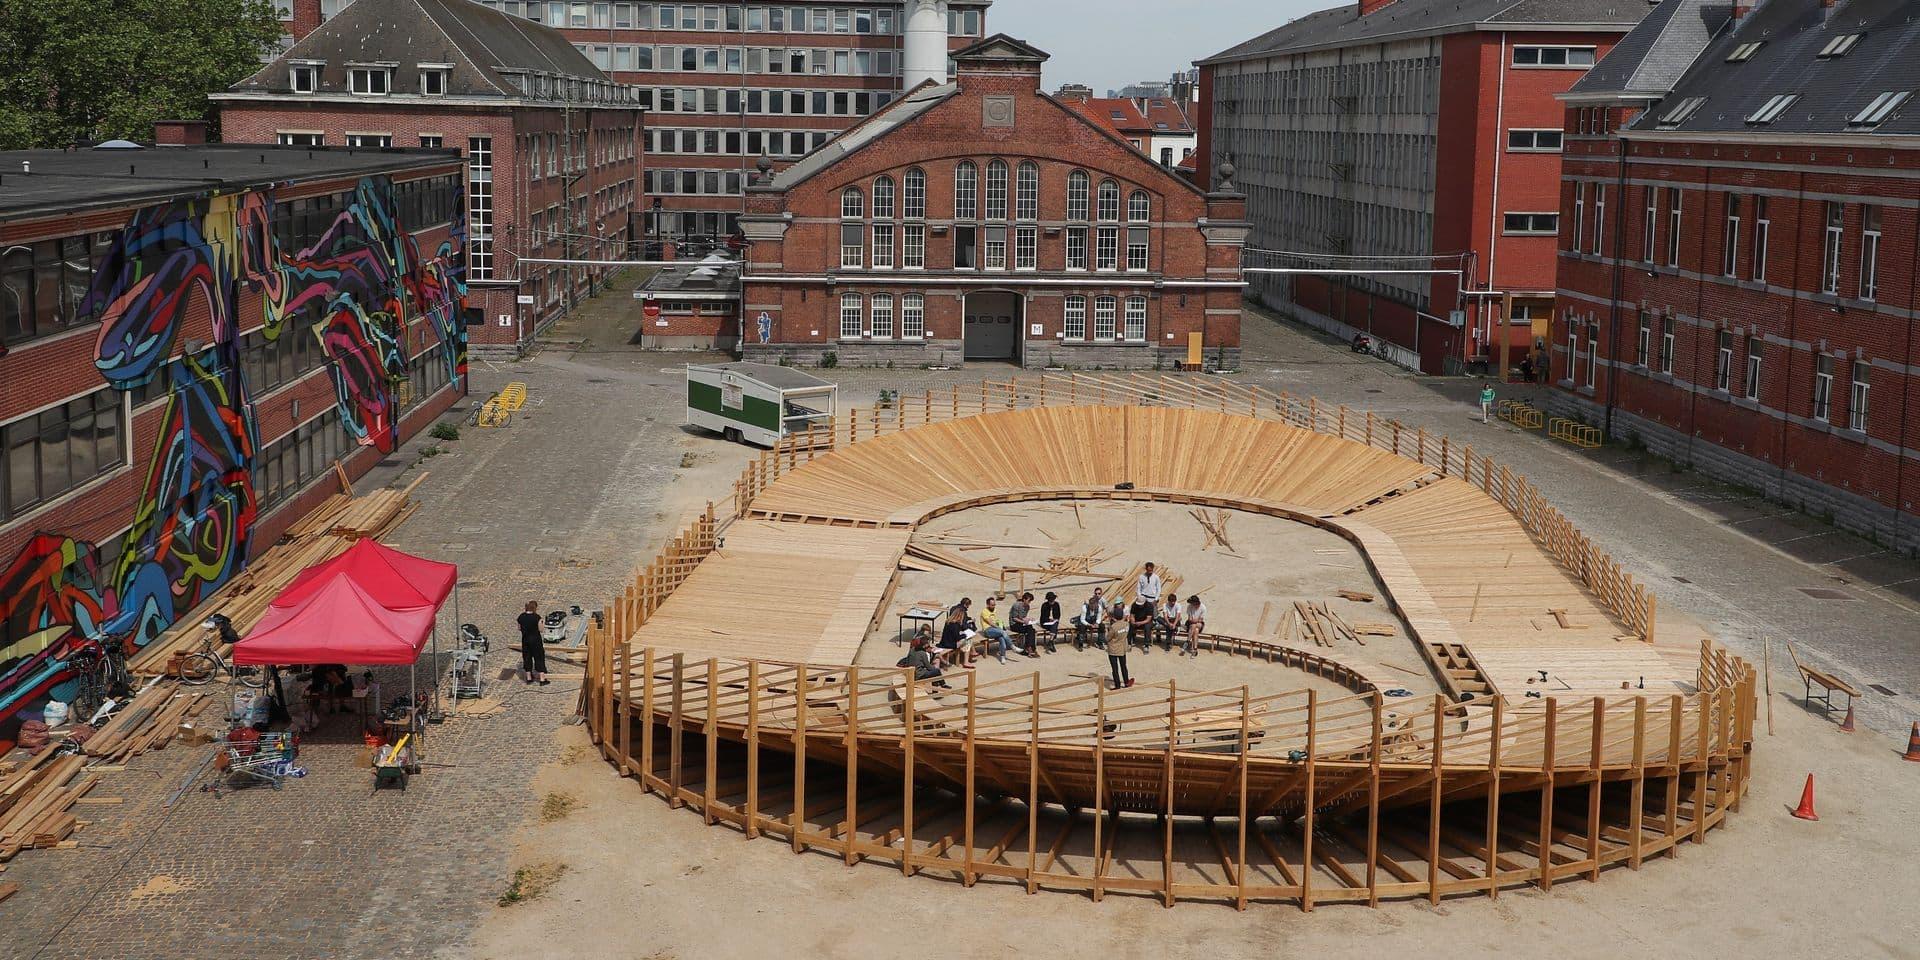 Une nouvelle avancée pour le projet Usquare, dans les casernes d'Ixelles